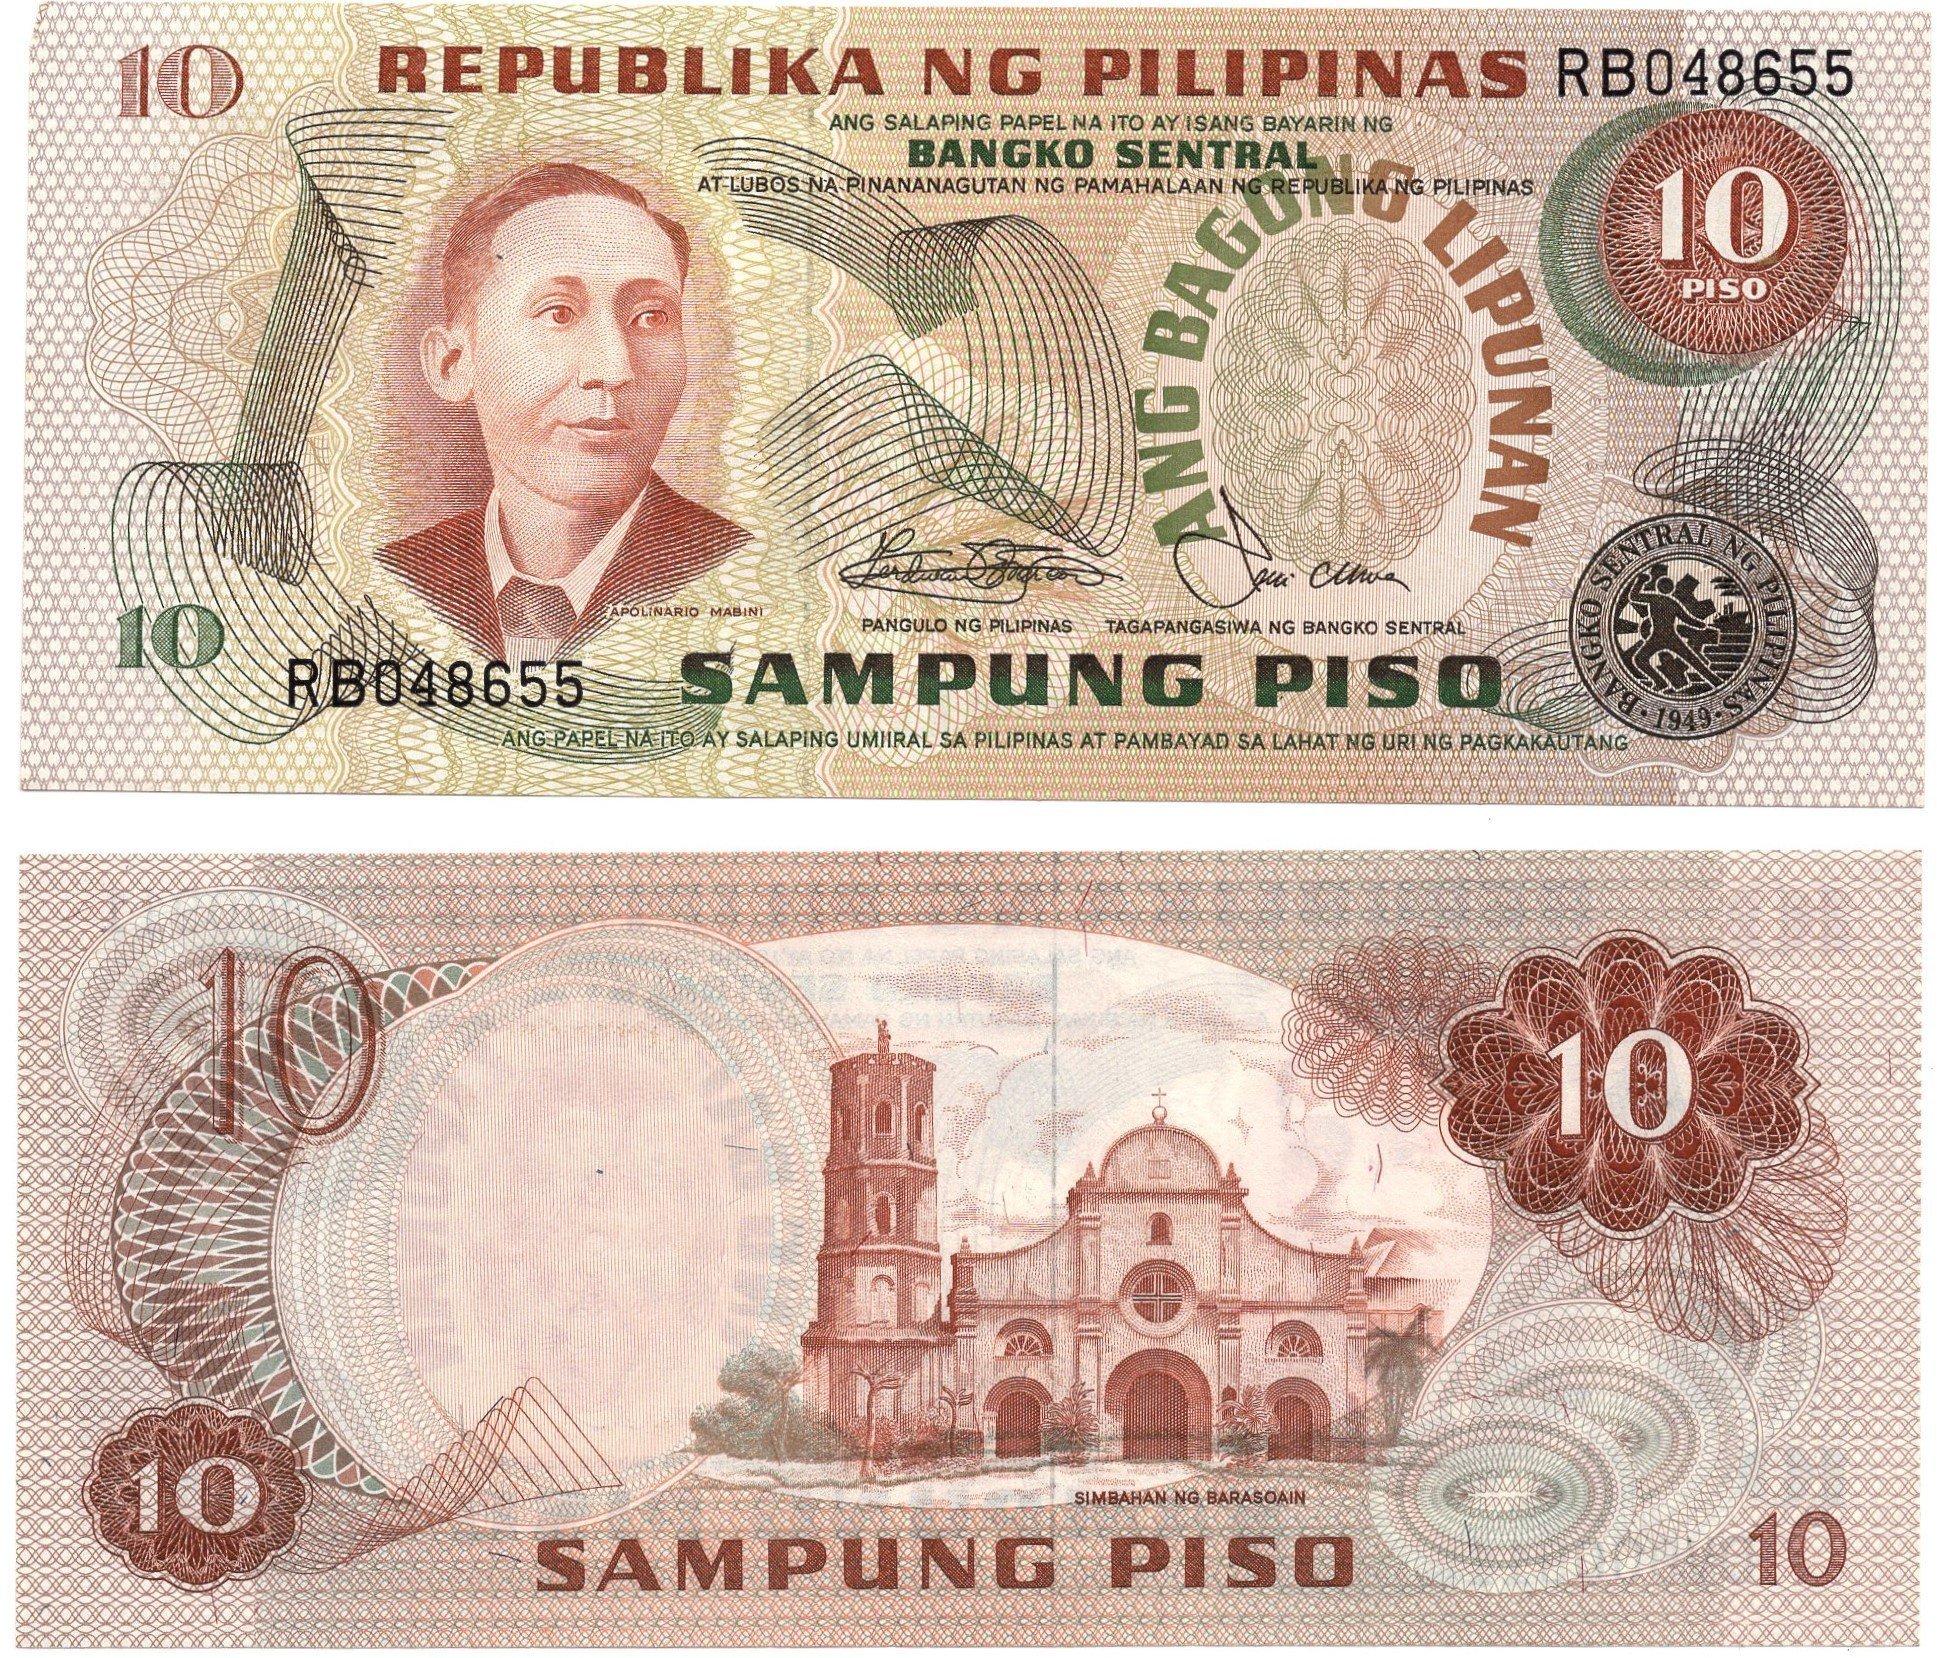 philipines 10 pesos P154